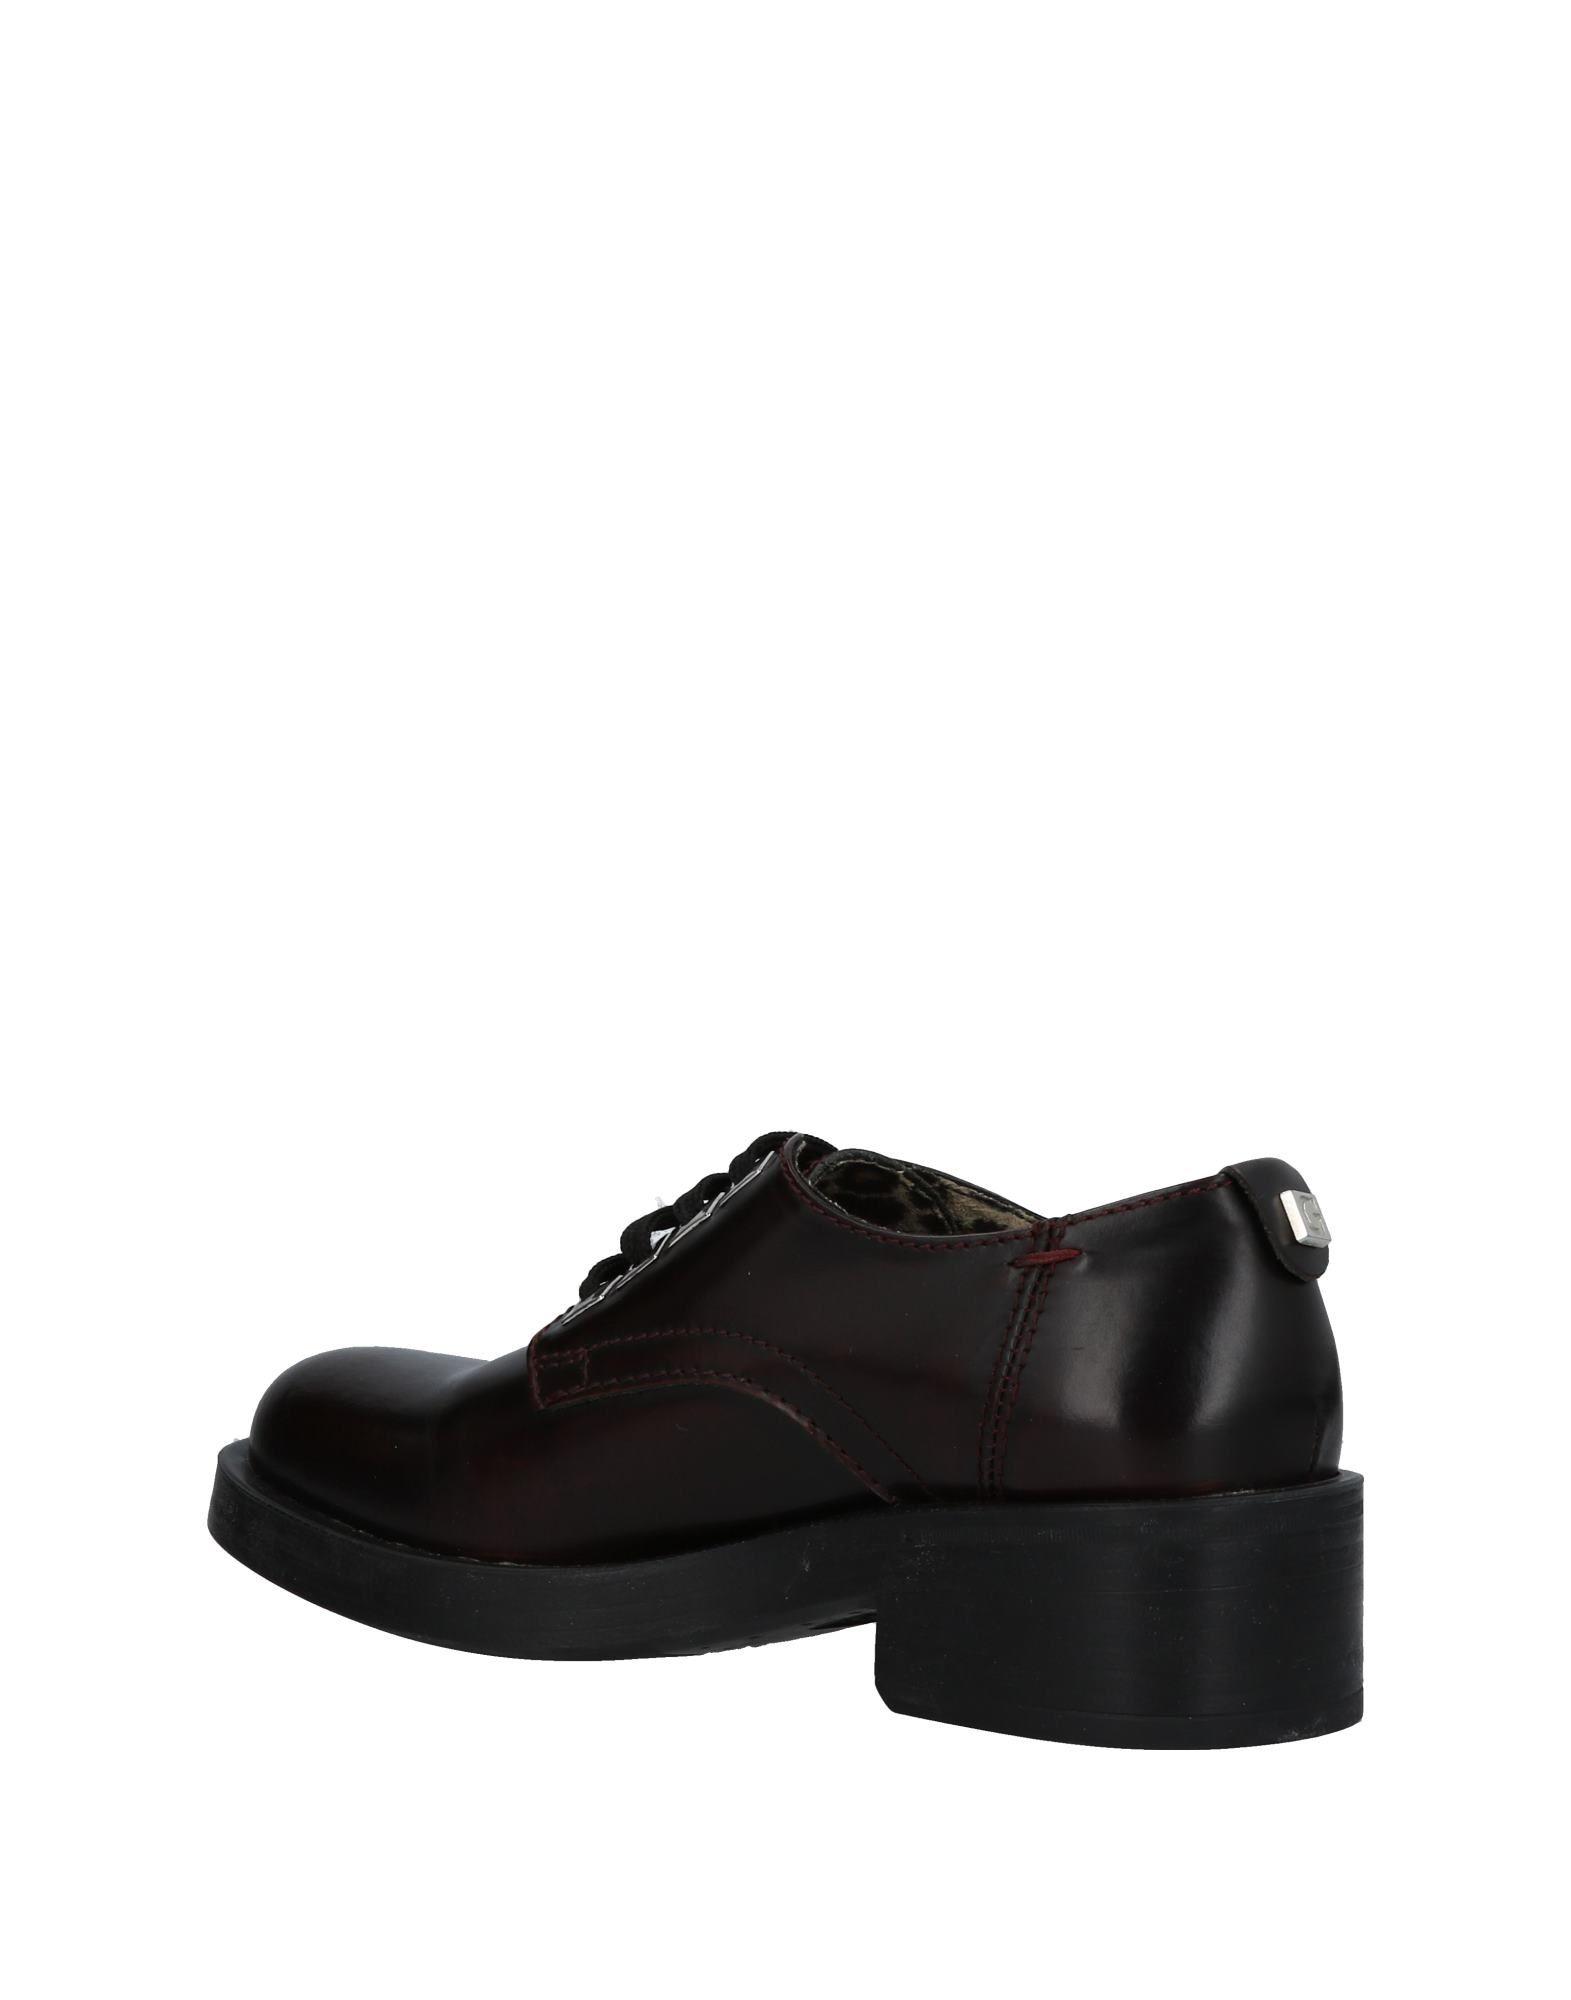 Chaussures À Lacets Guess Femme - Chaussures À Lacets Guess sur